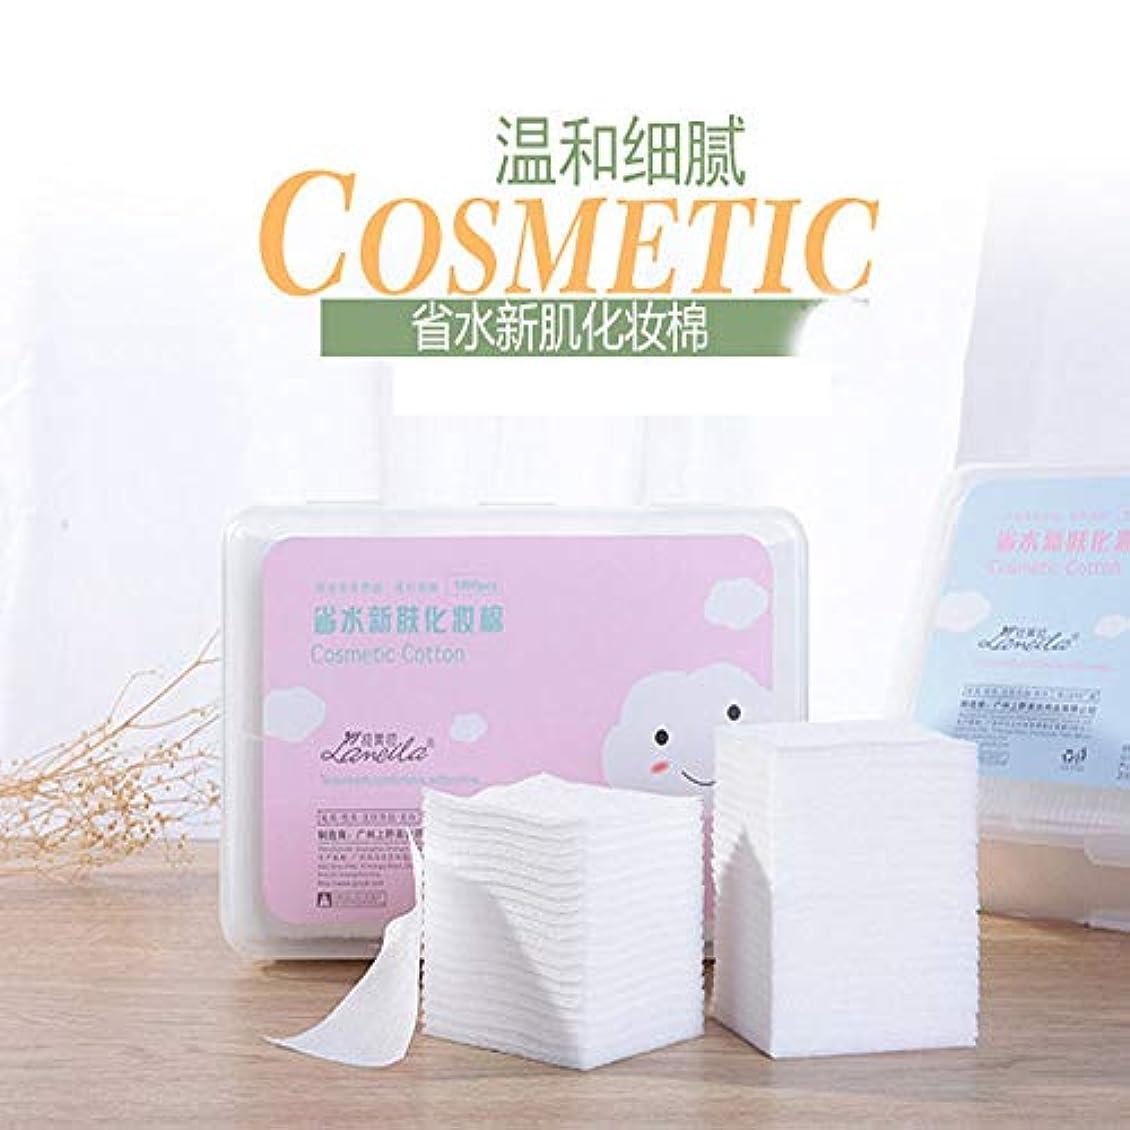 コットンパフ 化粧綿 ビューティーアップ 化粧用コットン100% お手入れコットン エステ用 業務用 1000枚/袋